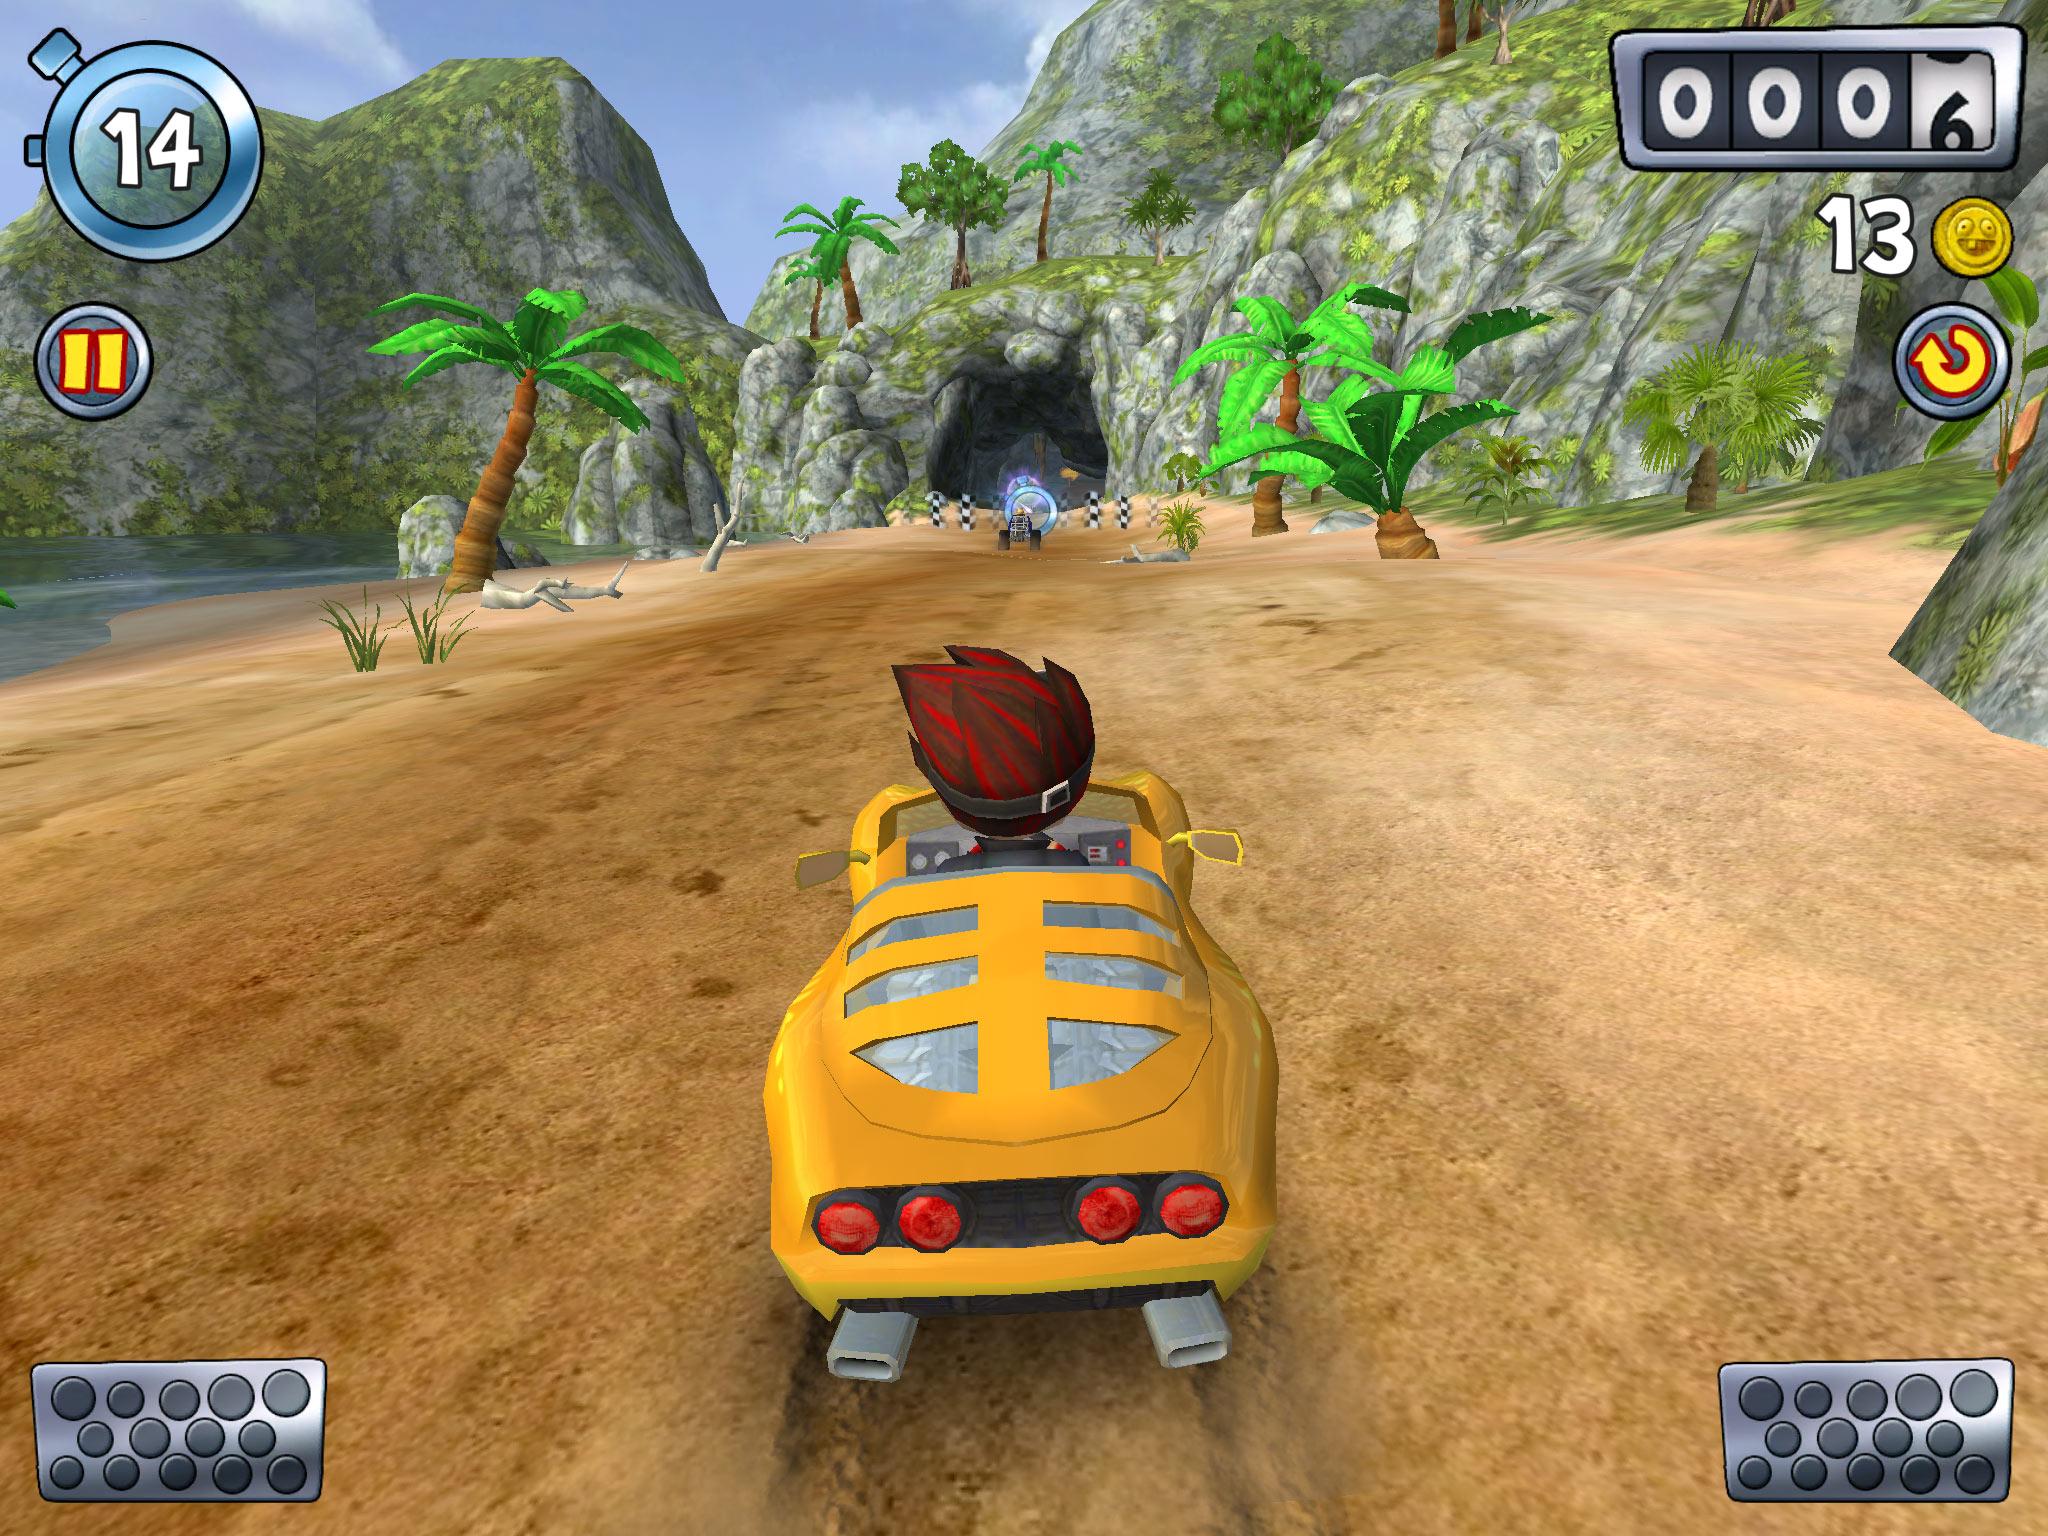 دانلود بازی gta v برای اندروید فایل نصبی دانلود Beach Buggy Blitz بازی ماشینی حمله ر و دانلود بازی ...